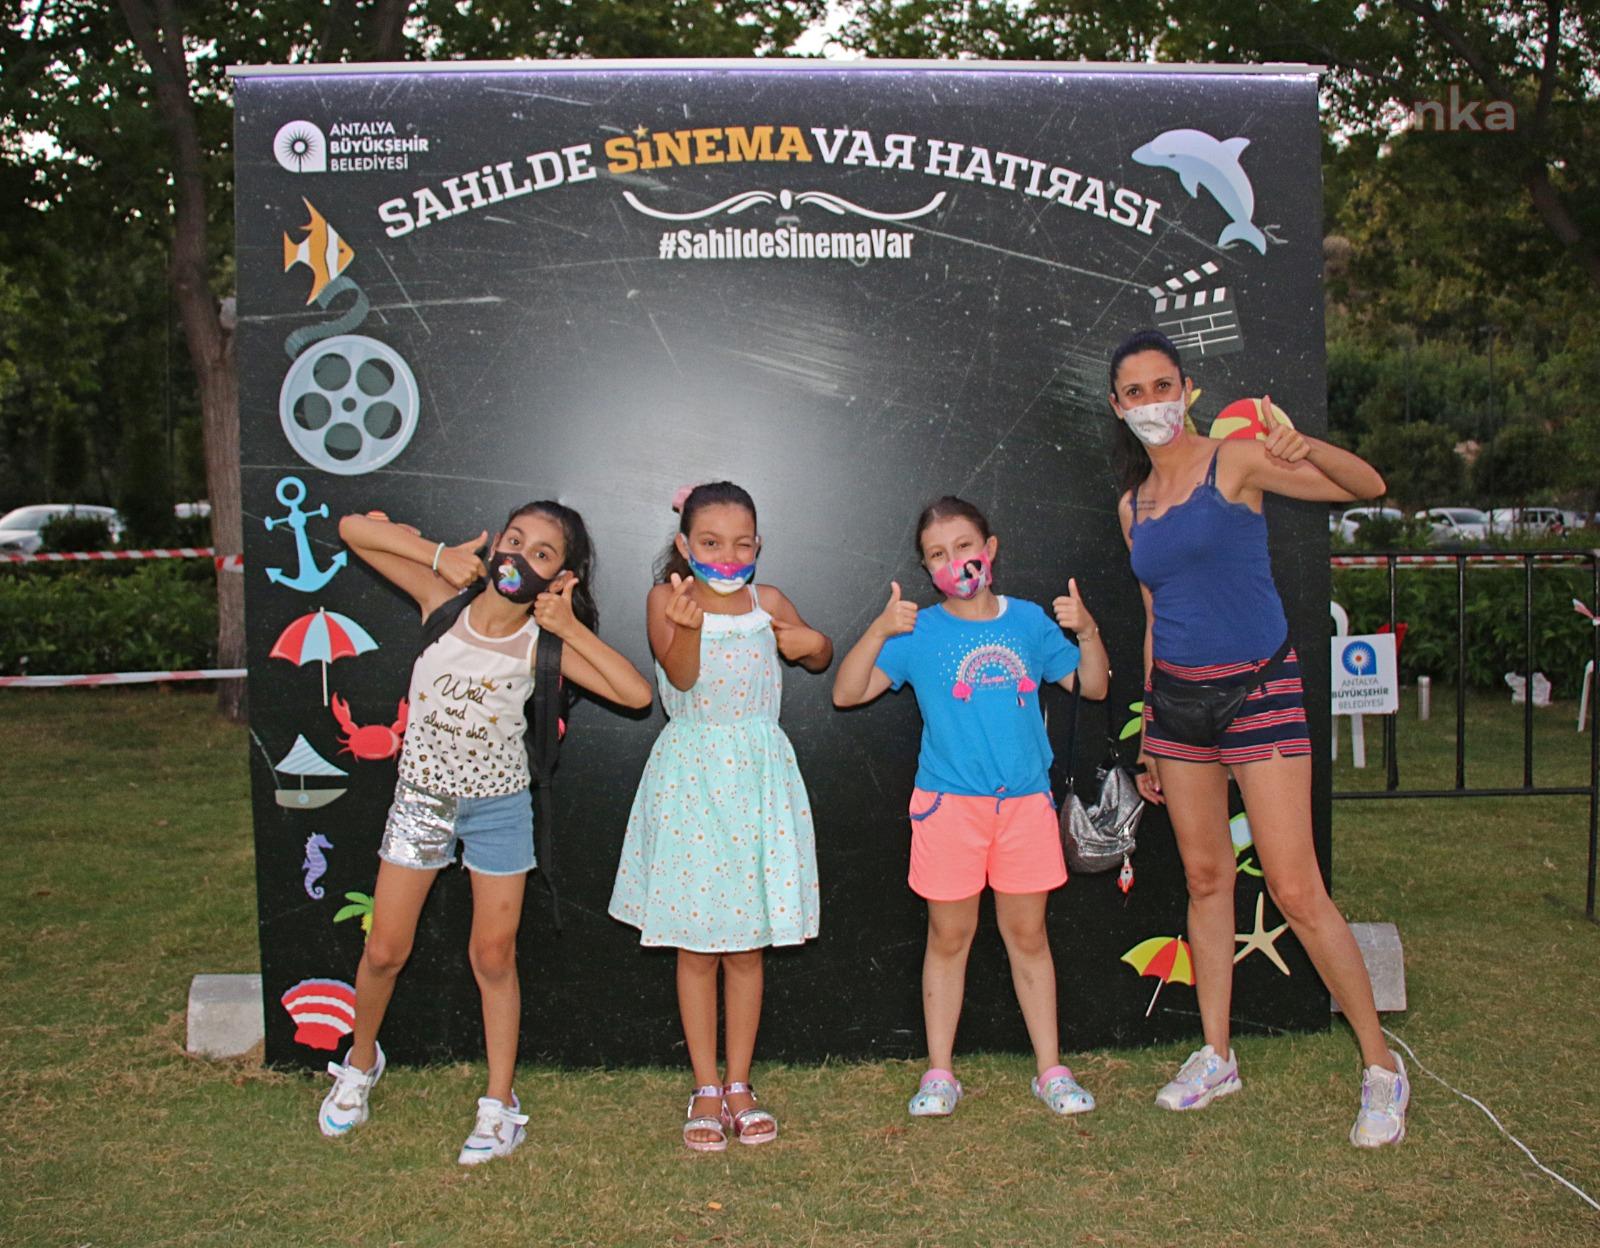 Antalya Büyükşehir'den çocuklara özel sinema keyfi